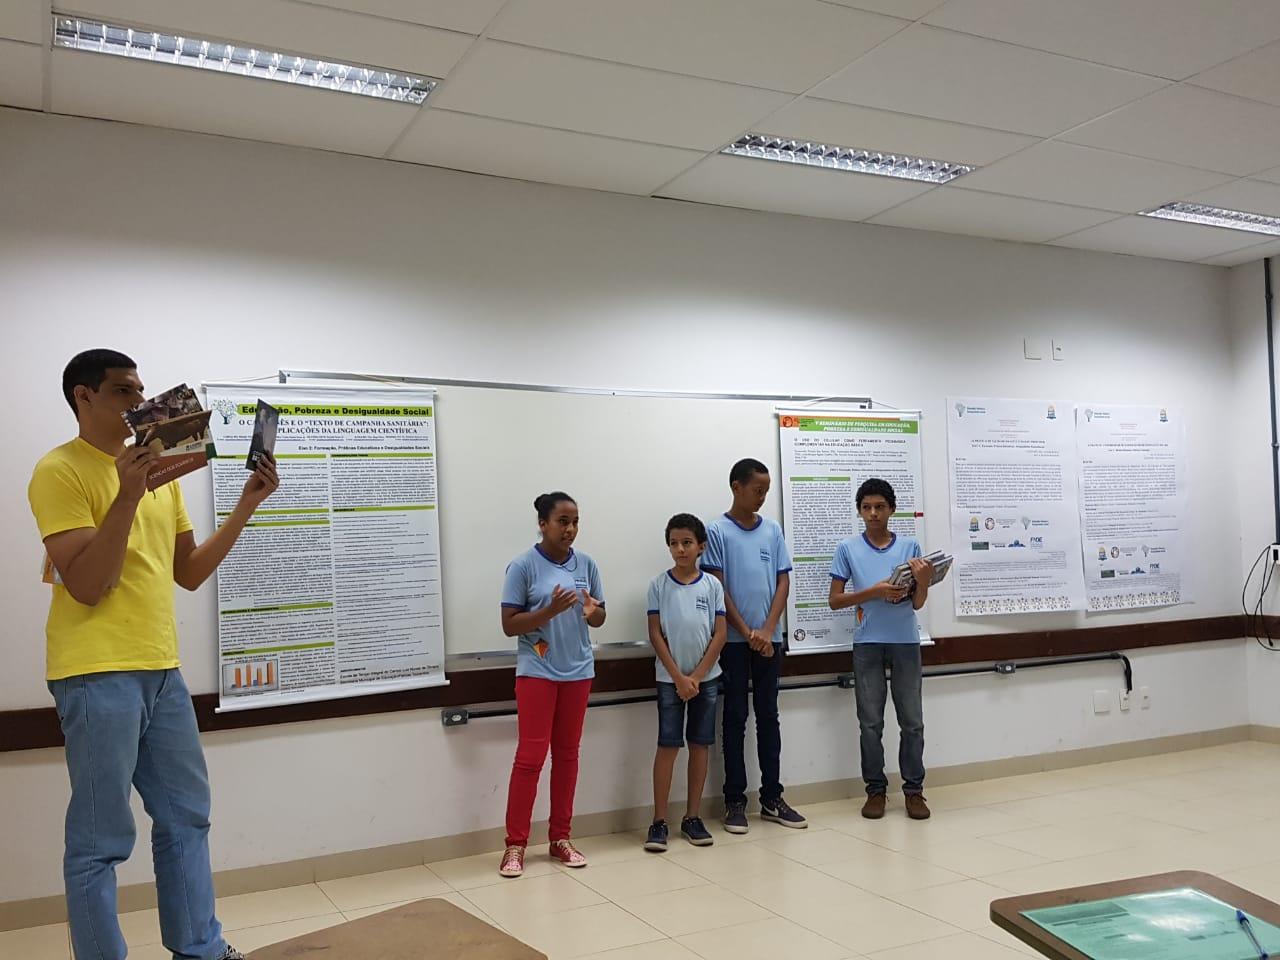 Projeto da ETI Luiz Nunes é classificado para feira de iniciação científica em Santa Catarina